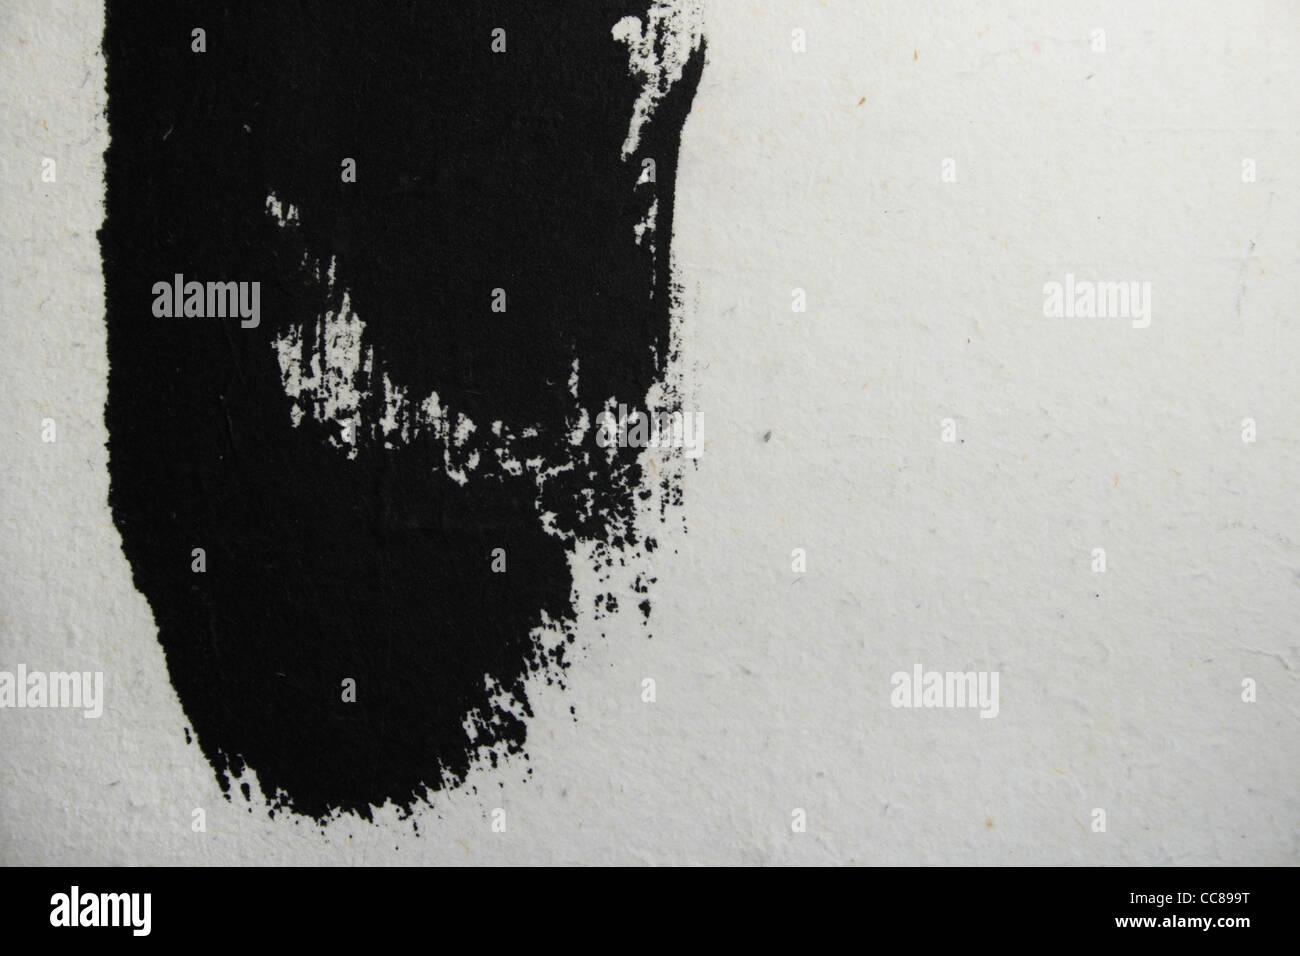 Grunge-Stil schwarz lackierten Streifen auf weißem Papier mit Textfreiraum Stockfoto